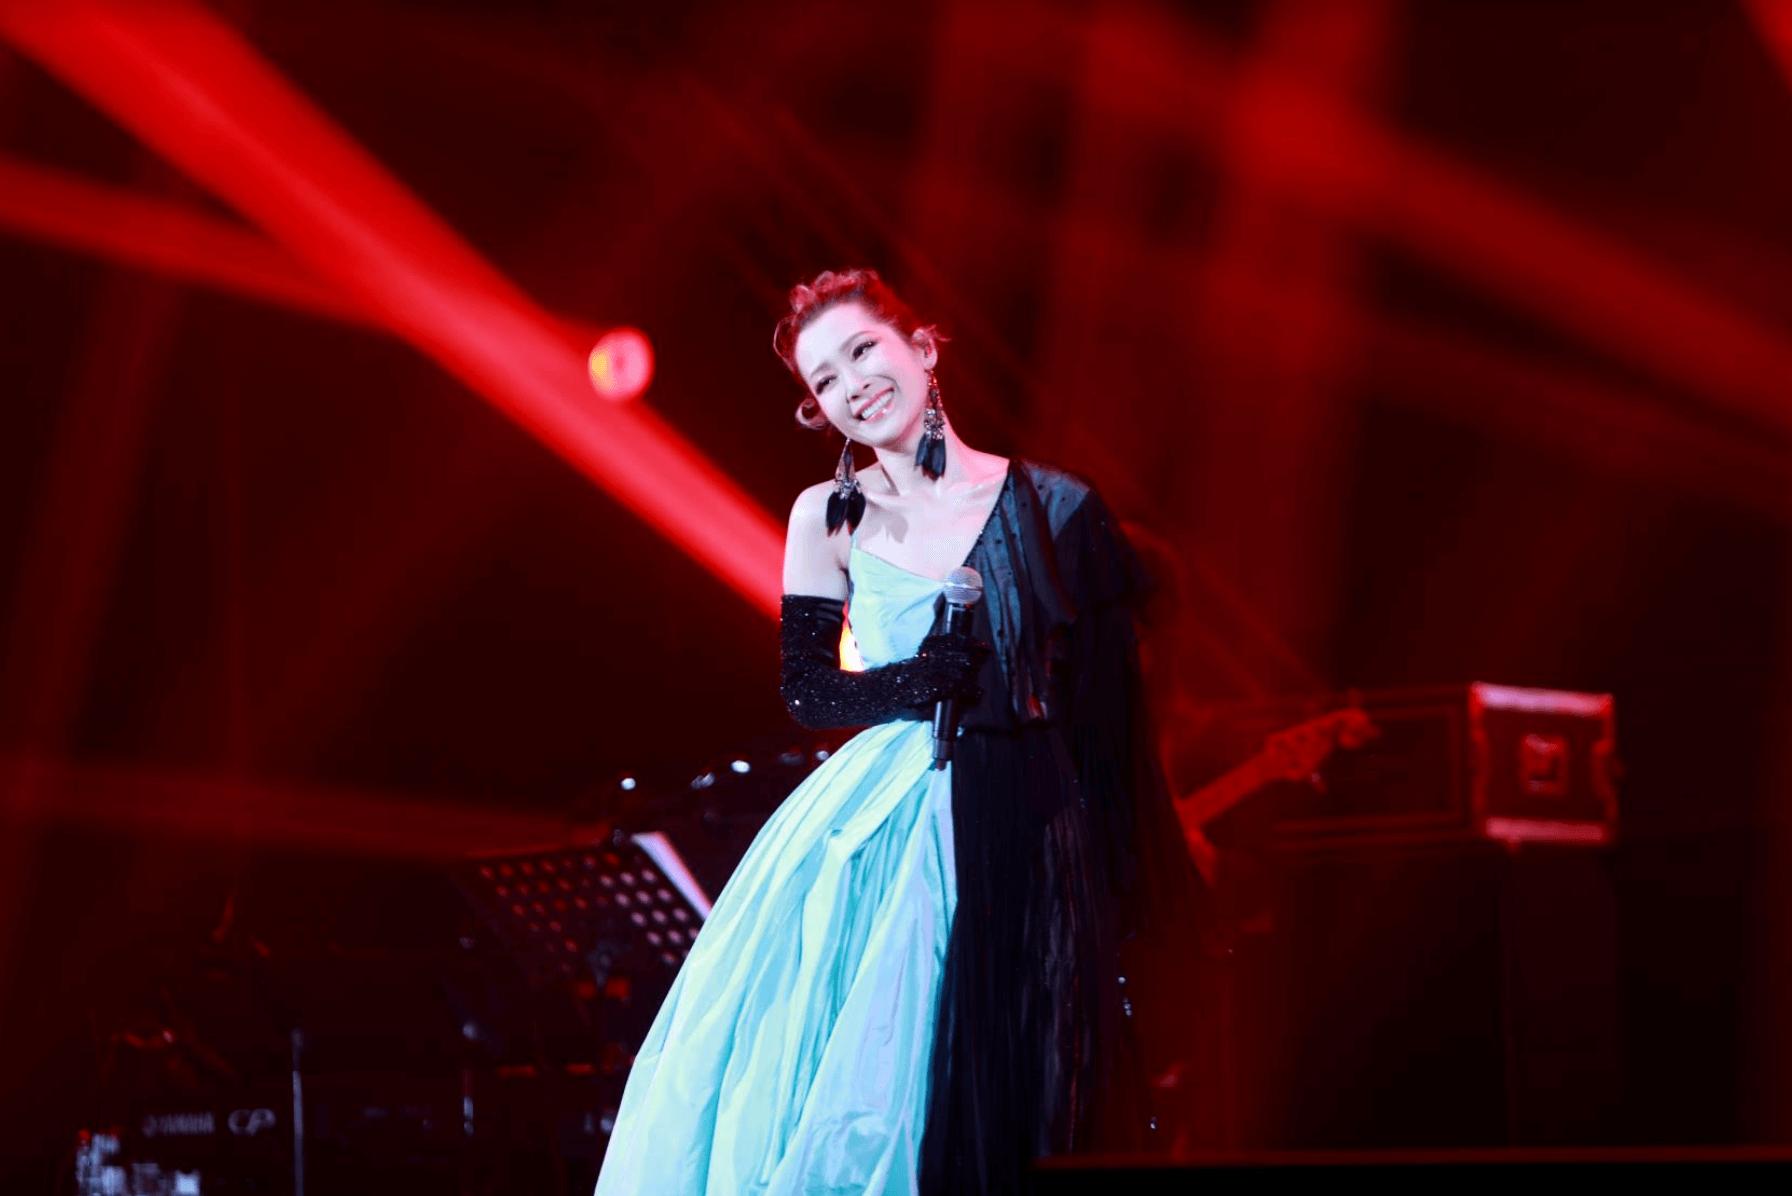 2019年7月15日 明周娛樂 mpweekly巡唱首站 關心妍獲大會送生日驚喜 開騷被歌迷感動變喊包b